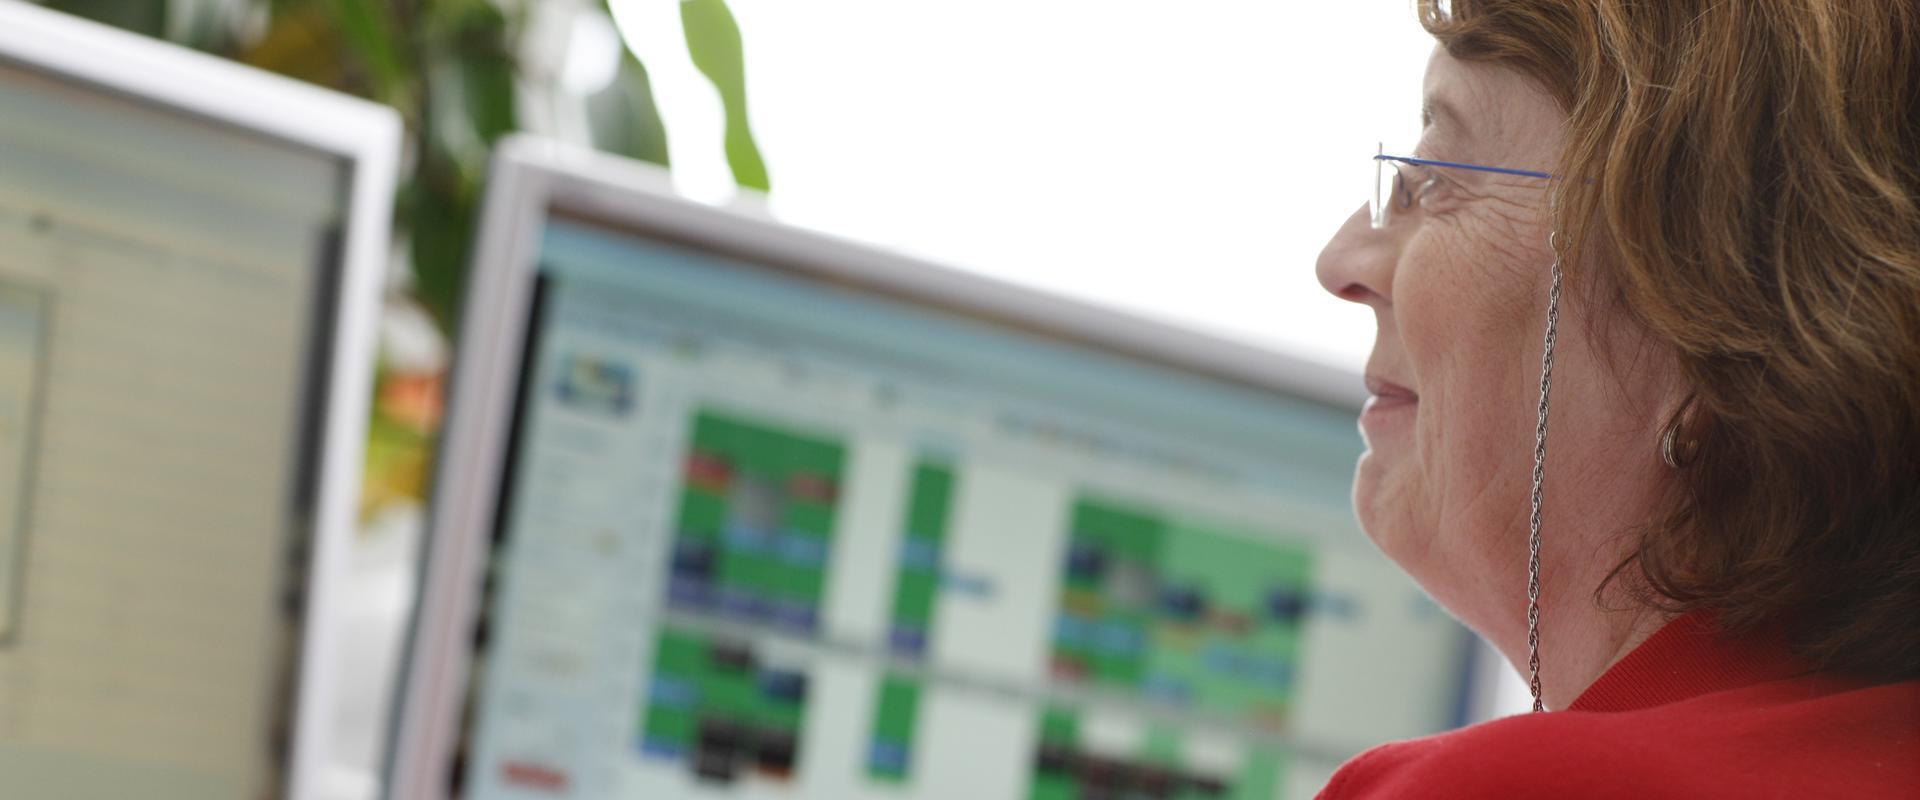 Patientin nutzt das Internet im MEDIAN Reha-Zentrum Bad Berka Ilmtal-Klinik